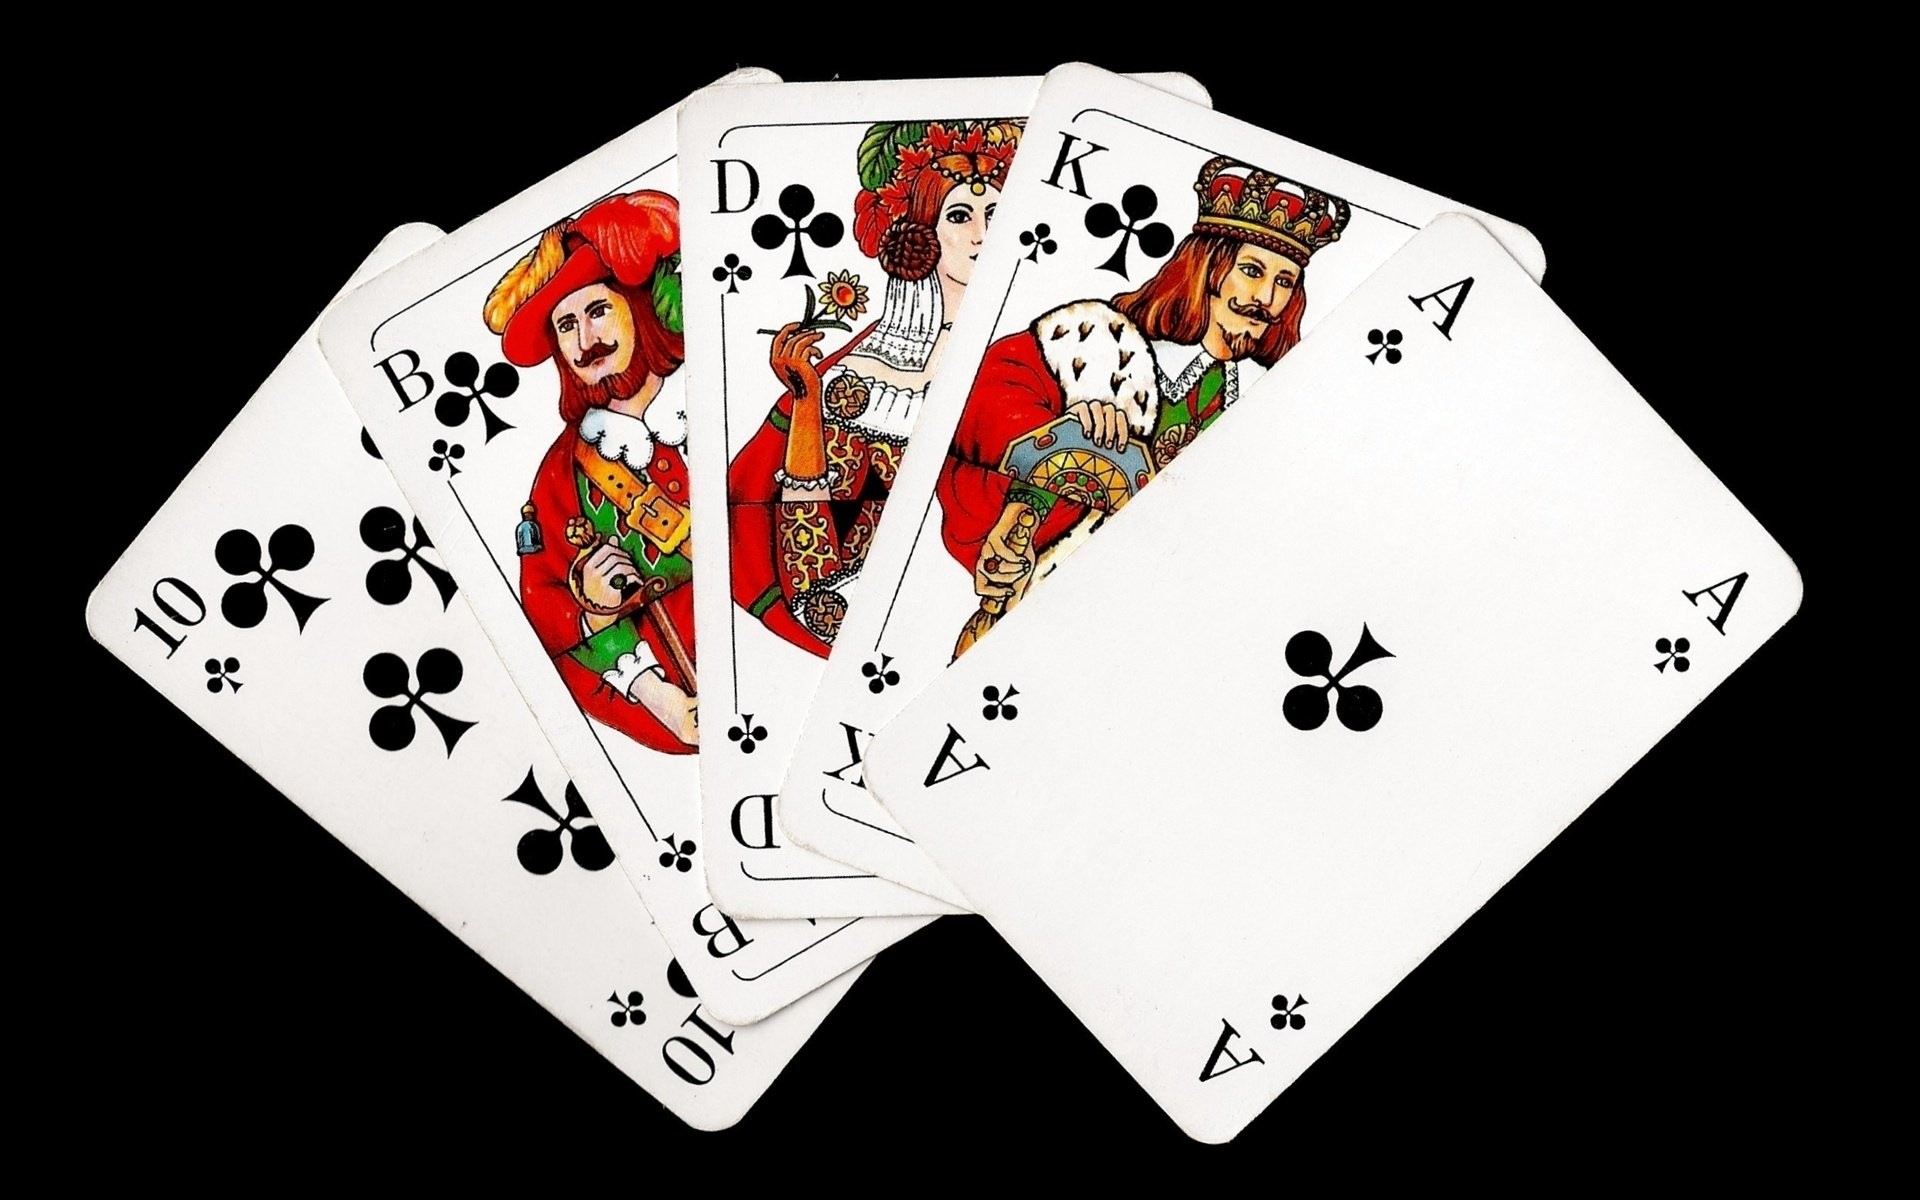 Cepat dan mudah! Daftar Permainan Poker Online Pulsa Melalui Ponsel